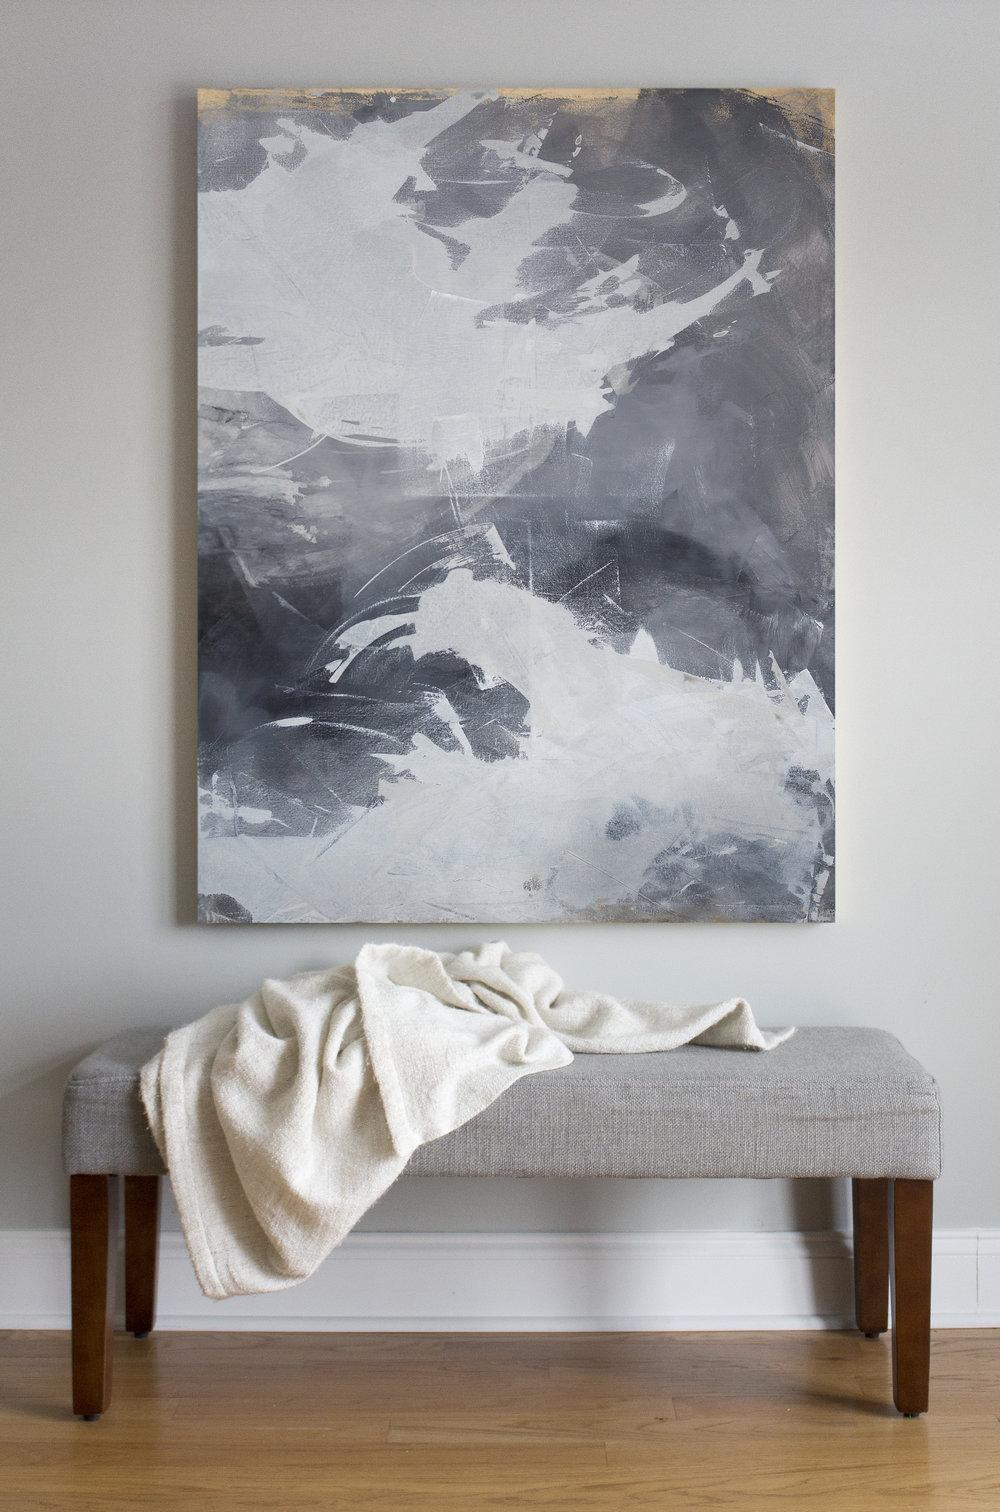 DARK SWAN NO.1 by Julia Contacessi  $3,500.00  (2016) Acrylic  SKU: JC 240 | 48 x 36